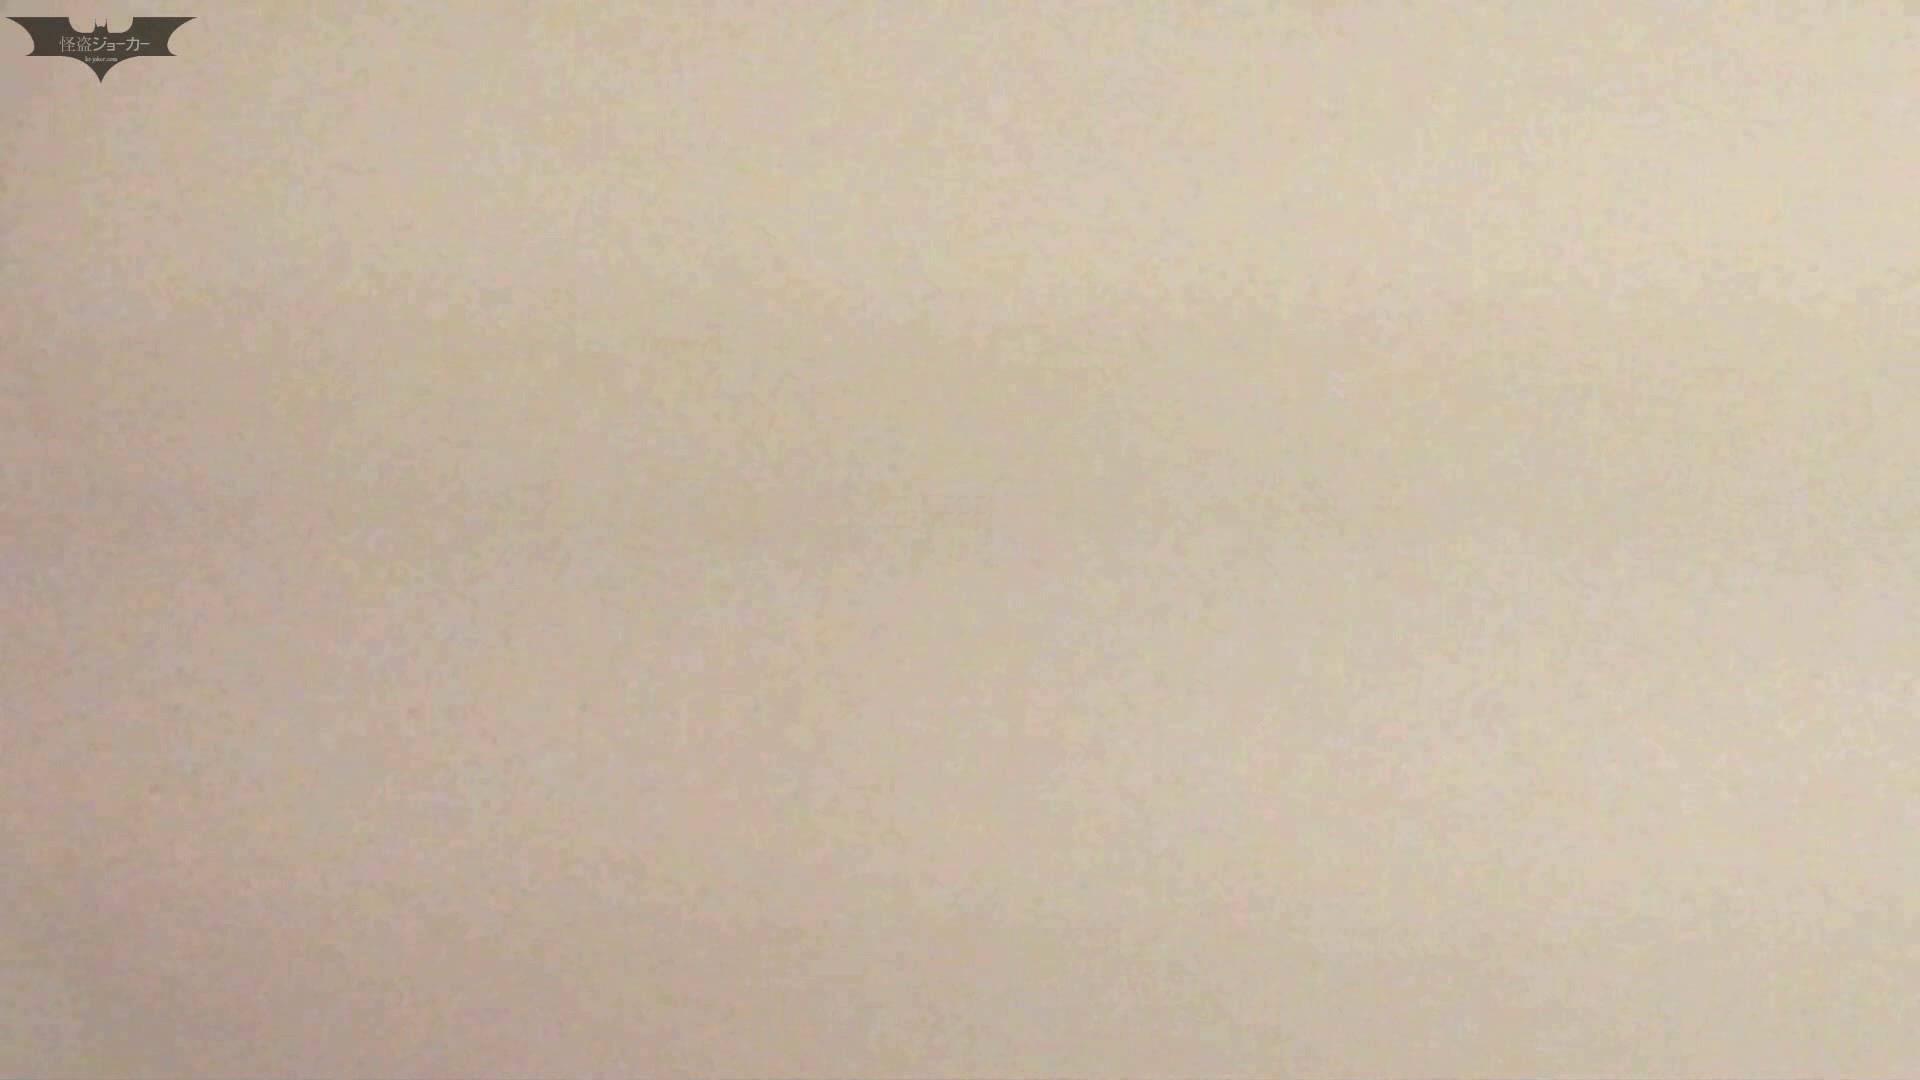 新世界の射窓 No64日本ギャル登場か?ハイヒール大特集! 洗面所着替え   ギャル・コレクション  95連発 44